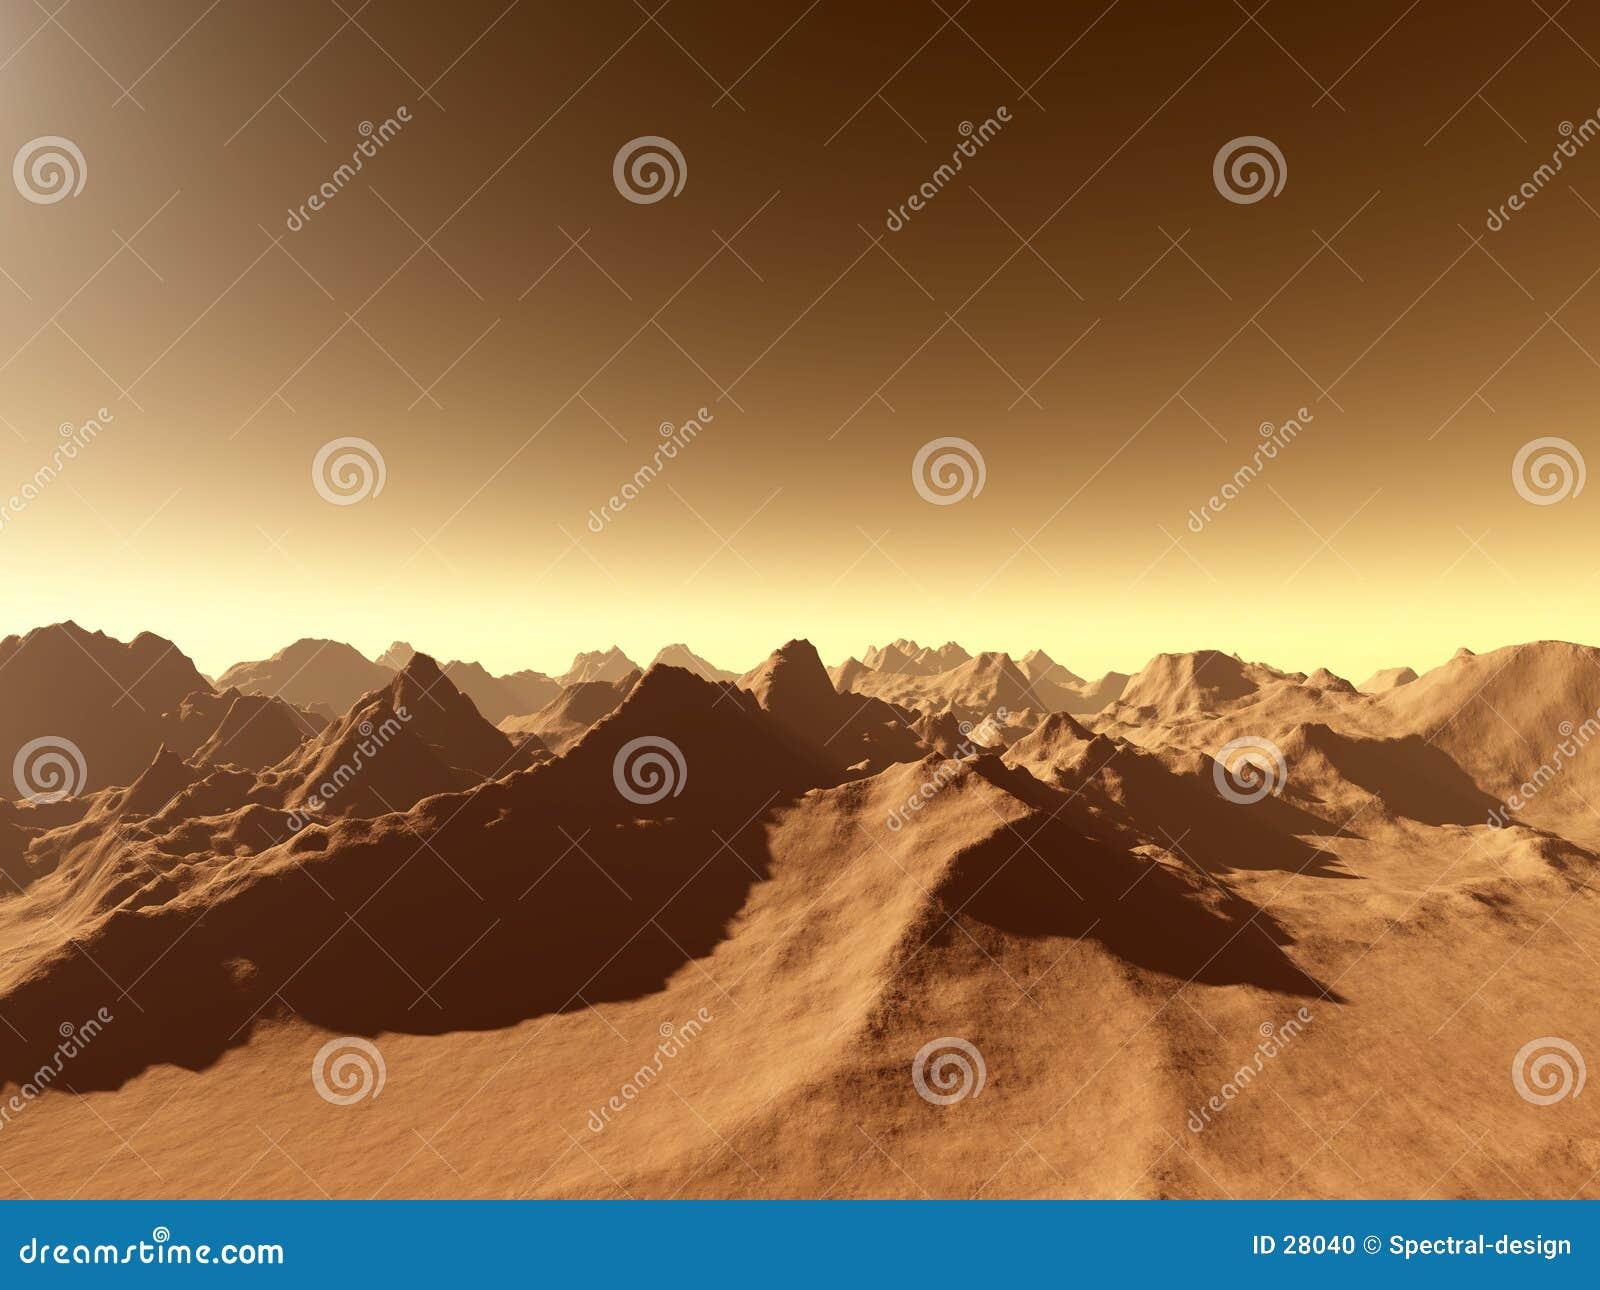 Download Marte - sobre las montañas stock de ilustración. Ilustración de marte - 28040